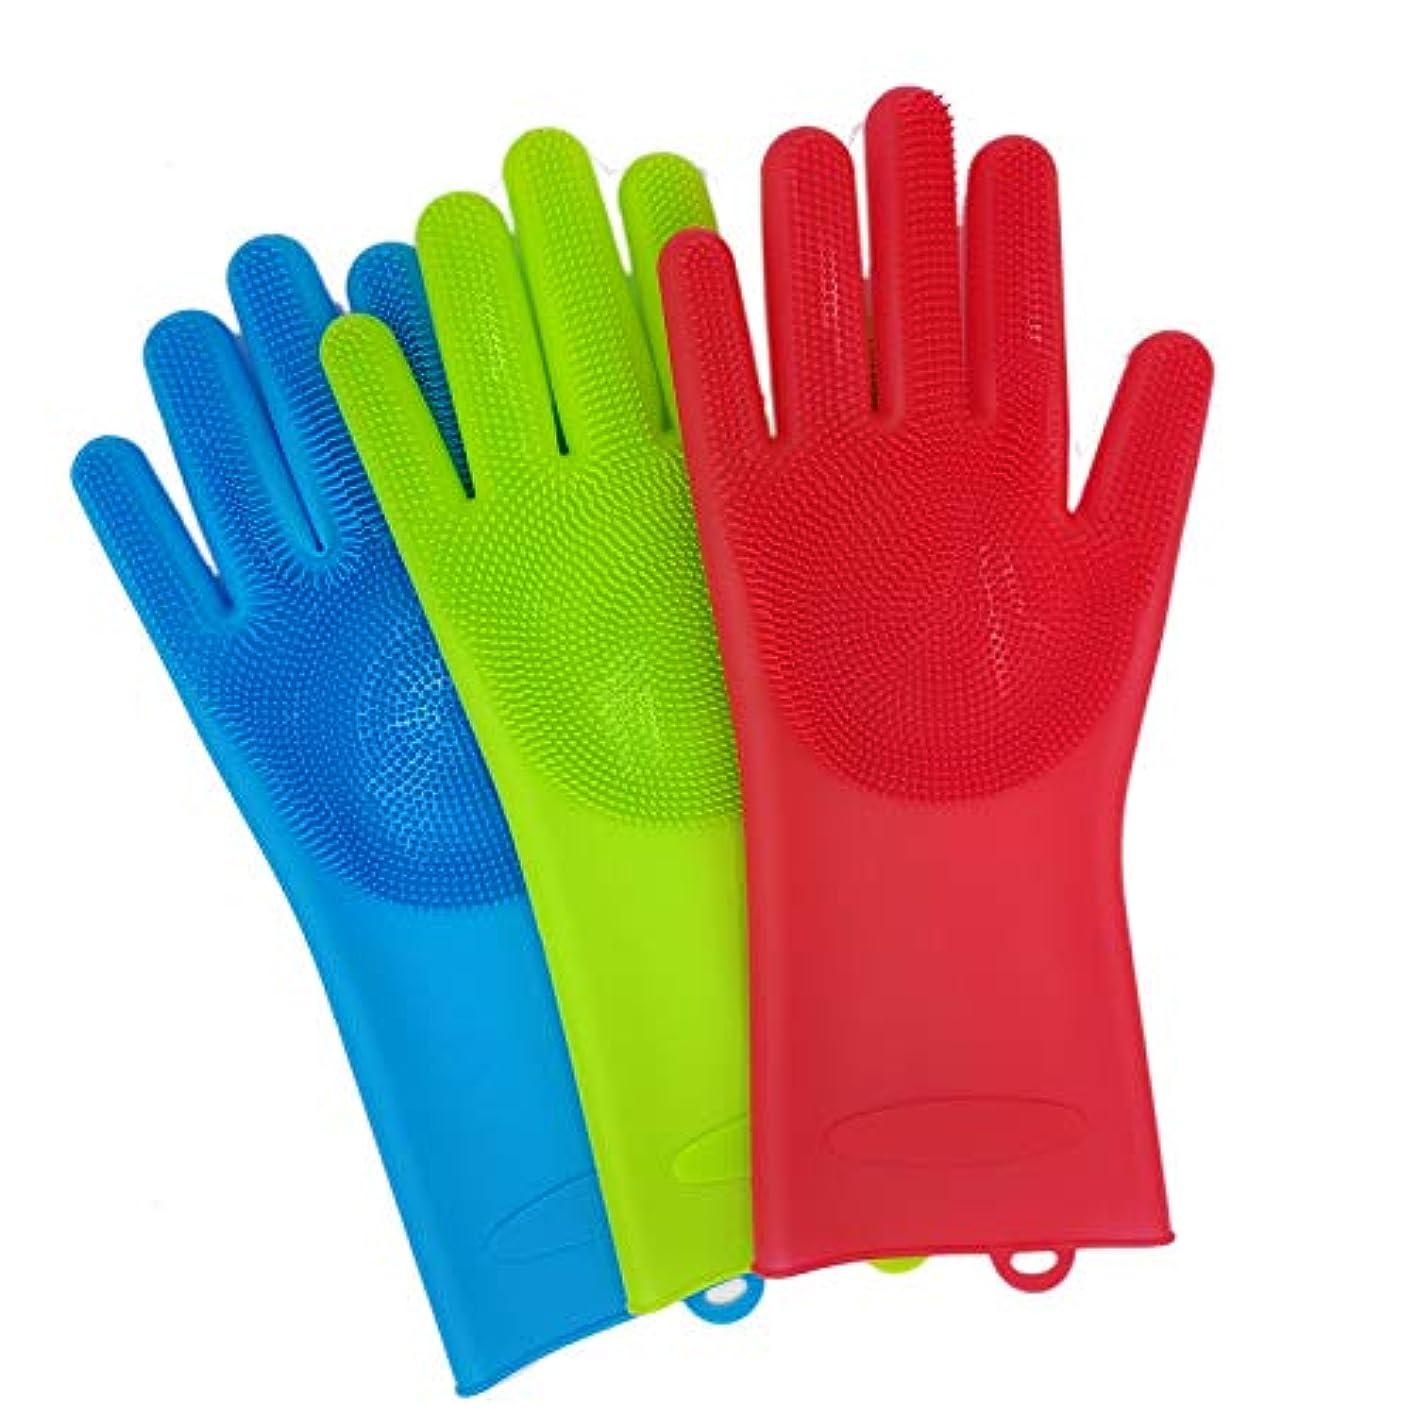 肯定的プラットフォーム消すBTXXYJP 手袋 ペット ブラシ 猫 ブラシ グローブ 耐摩耗 クリーナー 抜け毛取り マッサージブラシ 犬 グローブ ペット毛取りブラシ お手入れ (Color : Blue, Size : L)